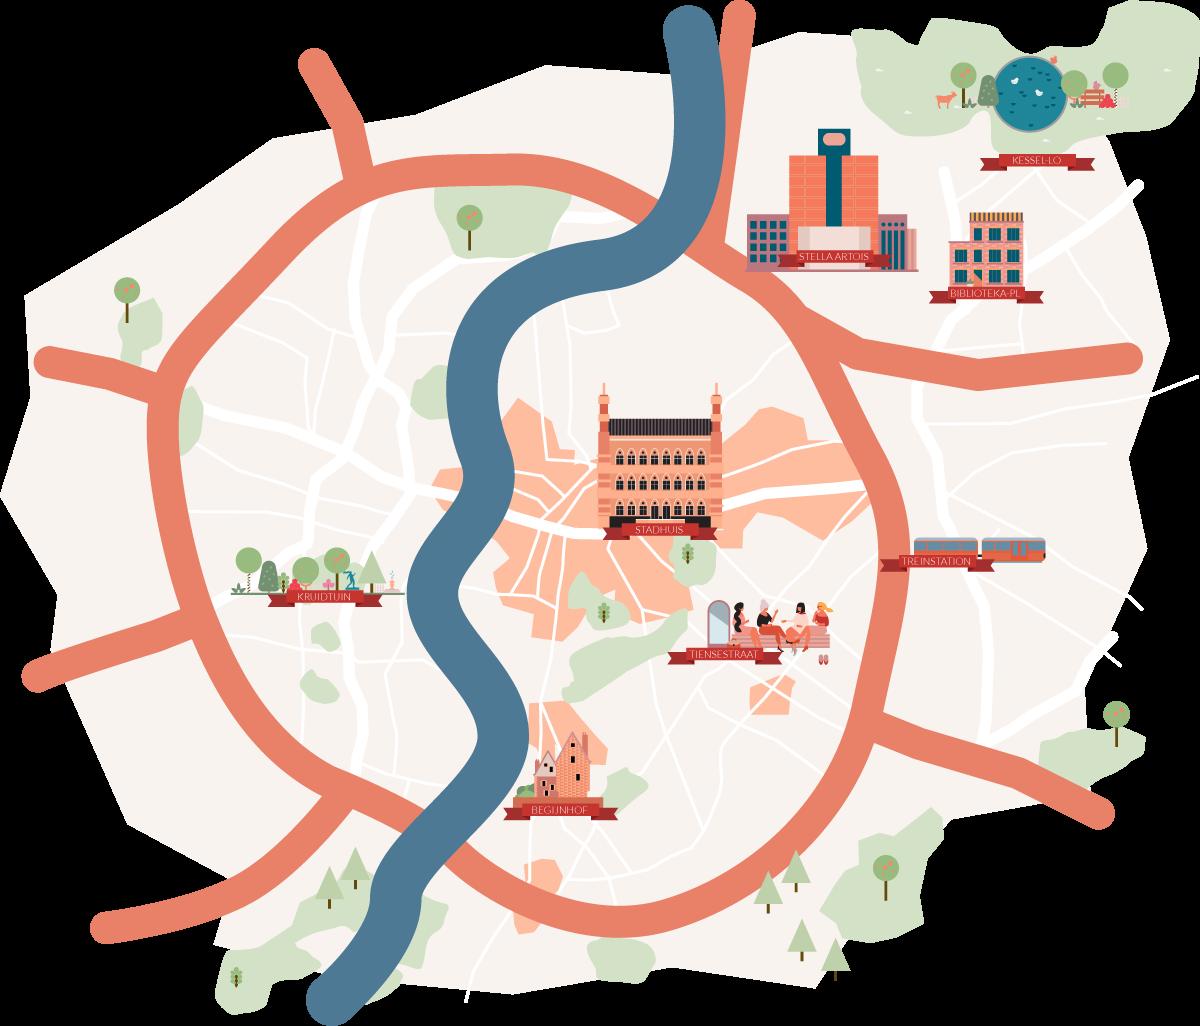 Map of Leuven